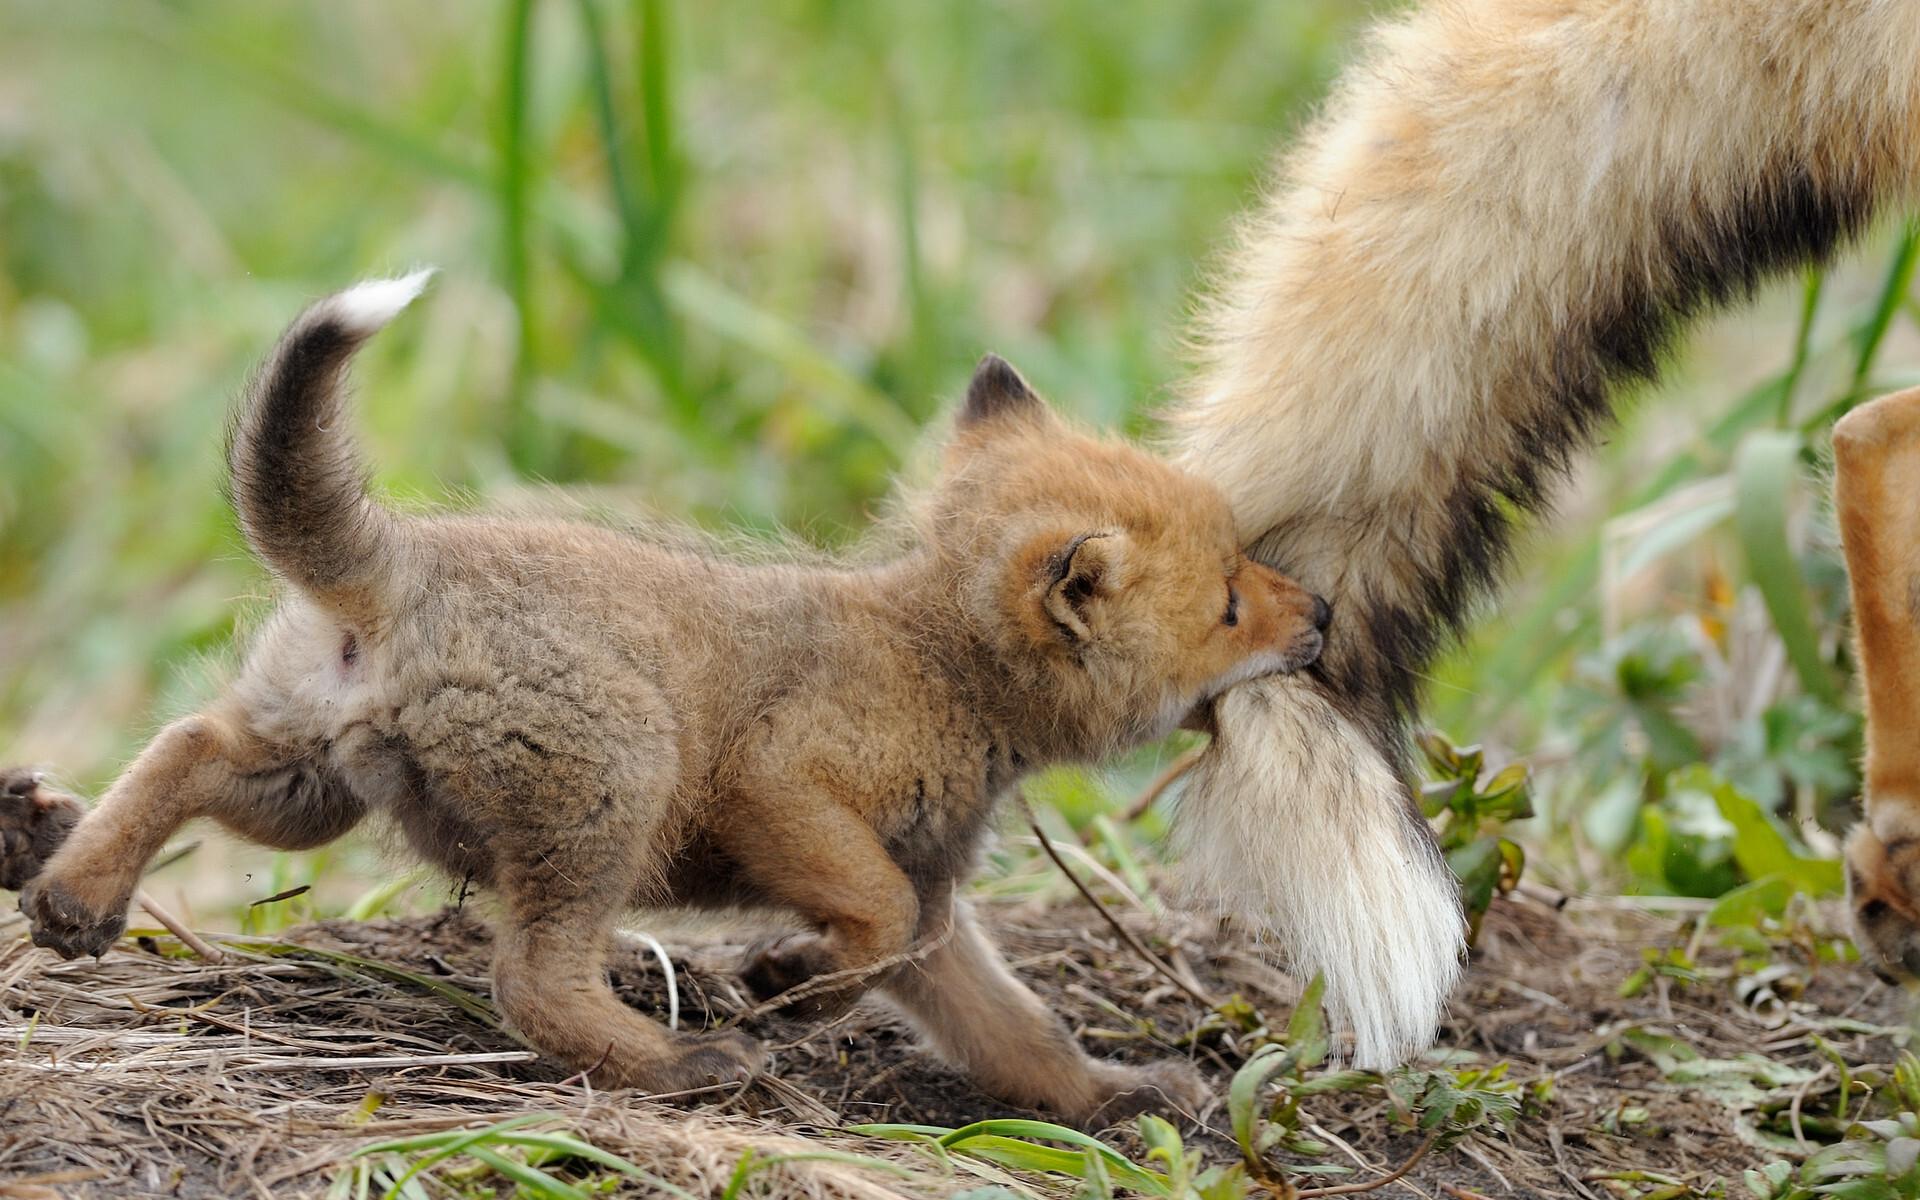 Маленький Злодеич с хвостом папы. Кроноцкий заповедник, лисы. Фотограф Игорь Шпиленок